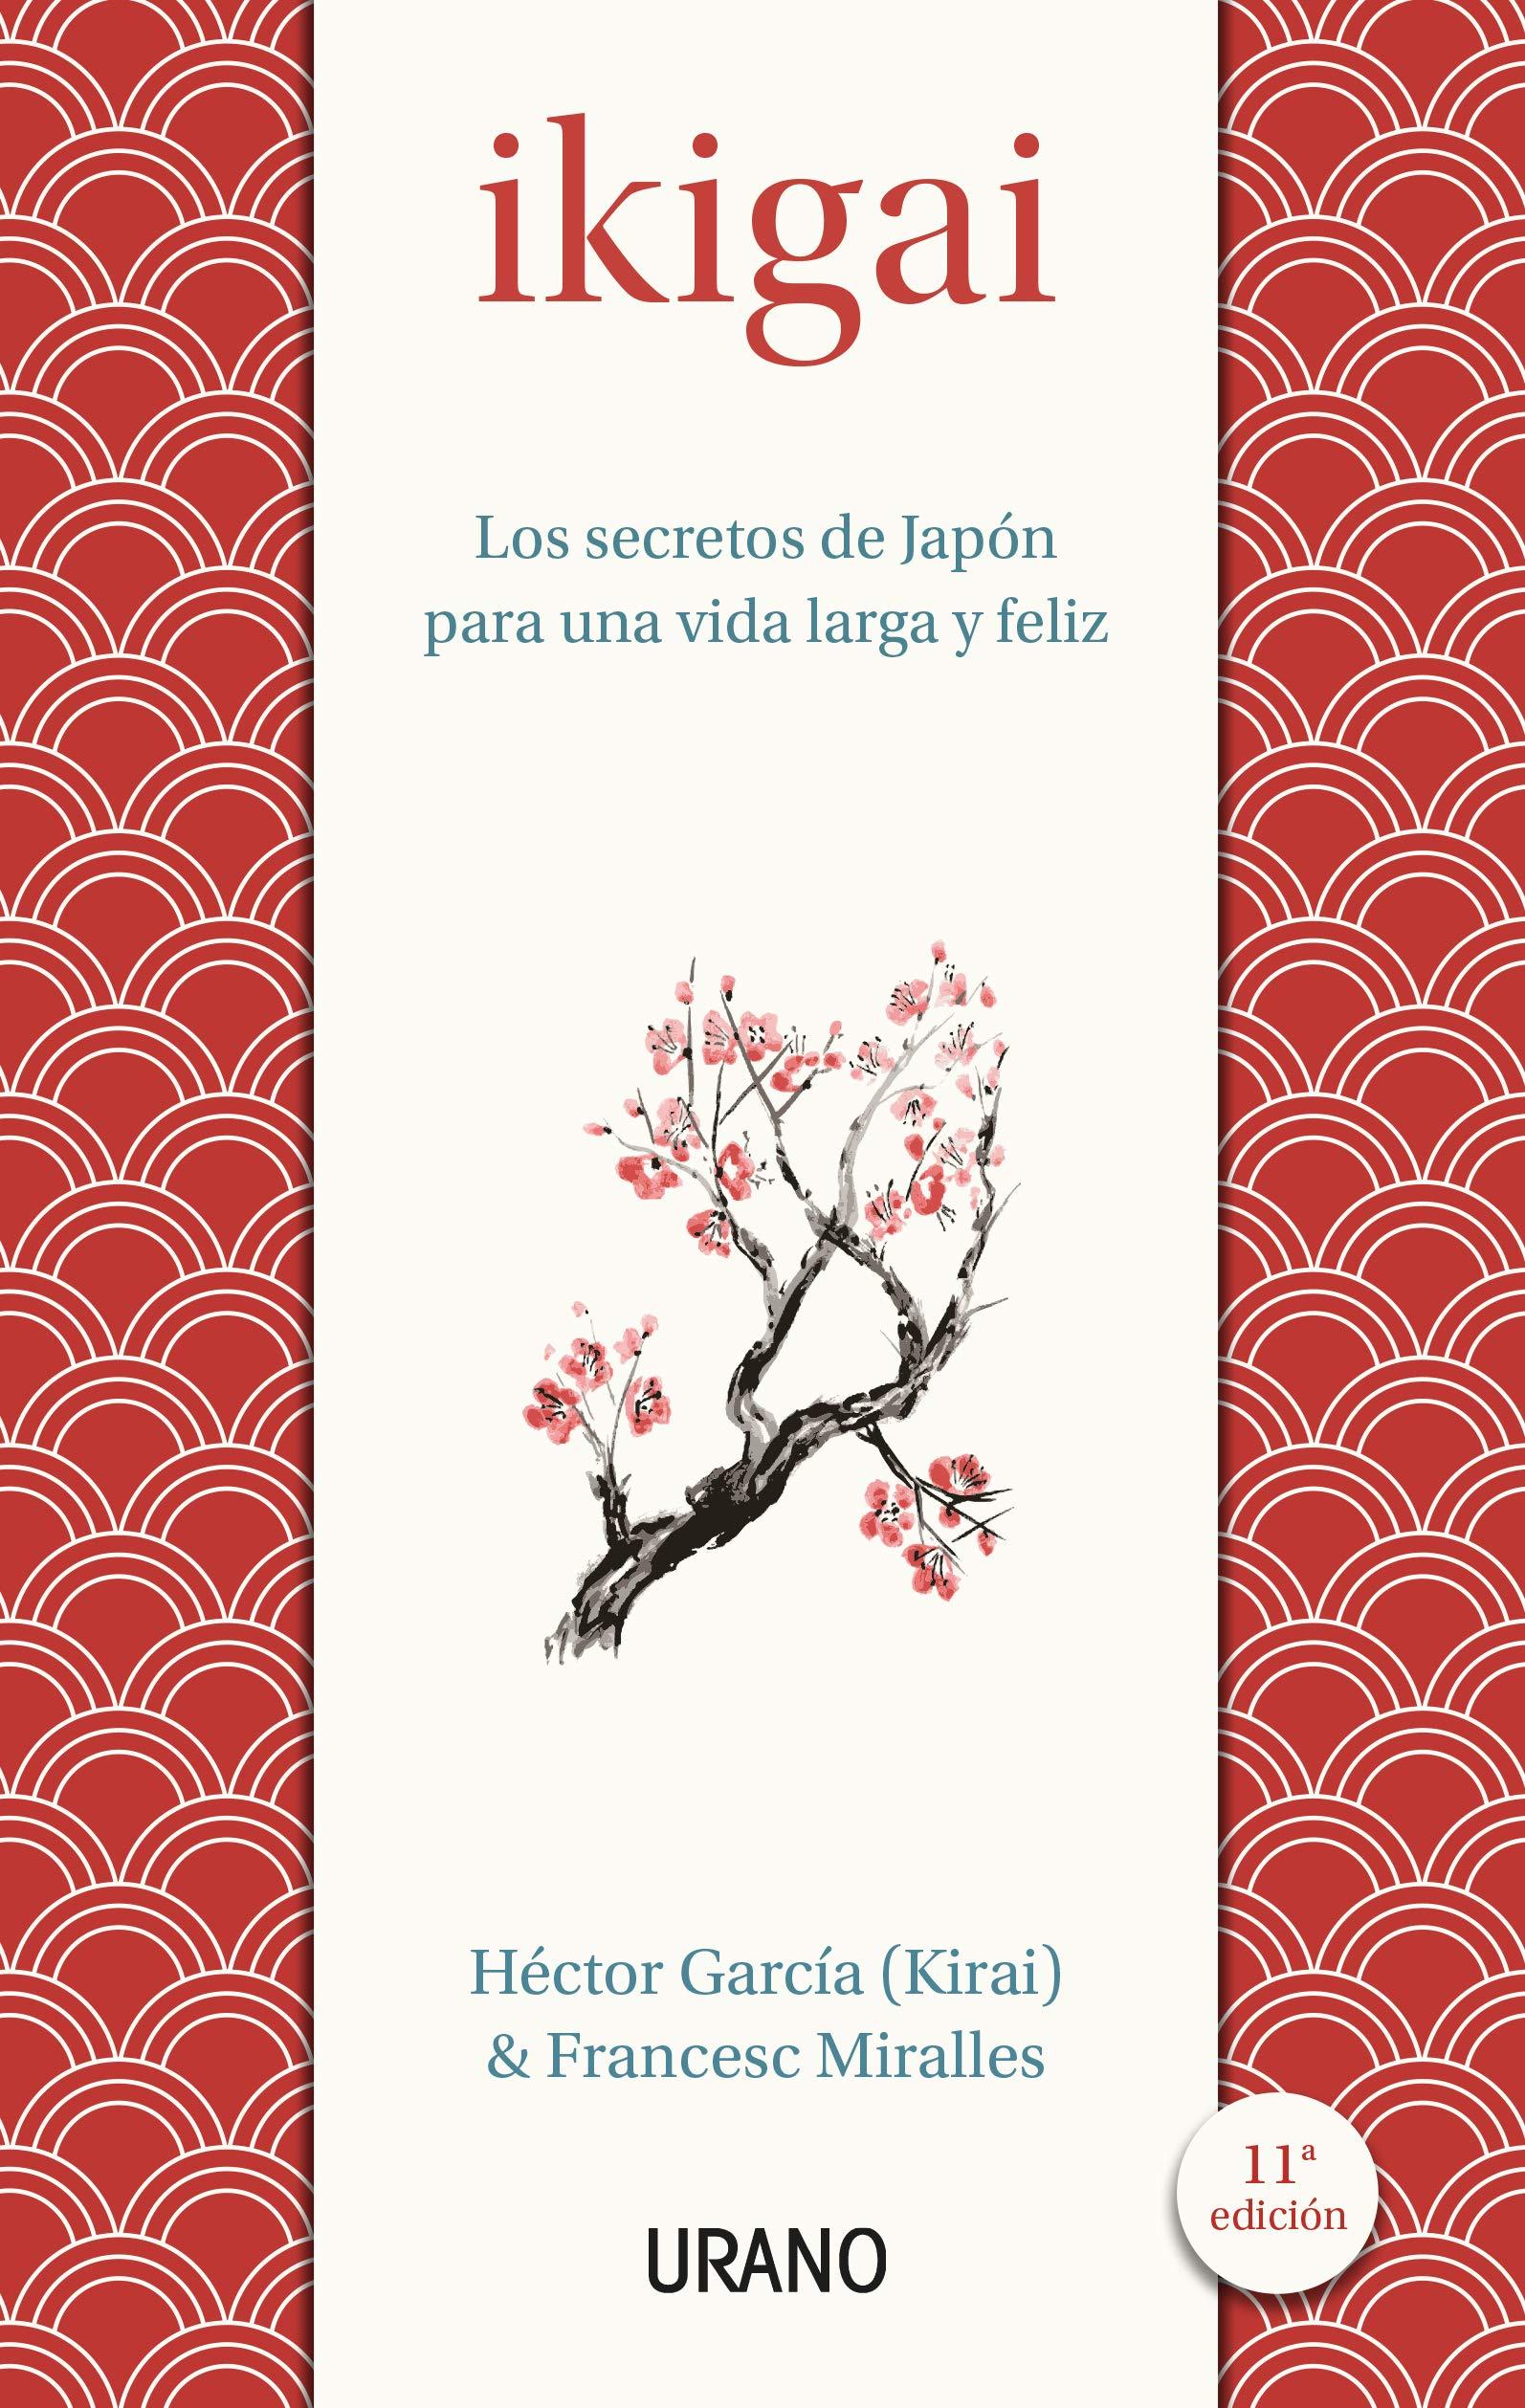 Ikigai: Los secretos de Japón para una vida larga y feliz Medicinas  complementarias: Amazon.es: Francesc Miralles, Héctor García: Libros